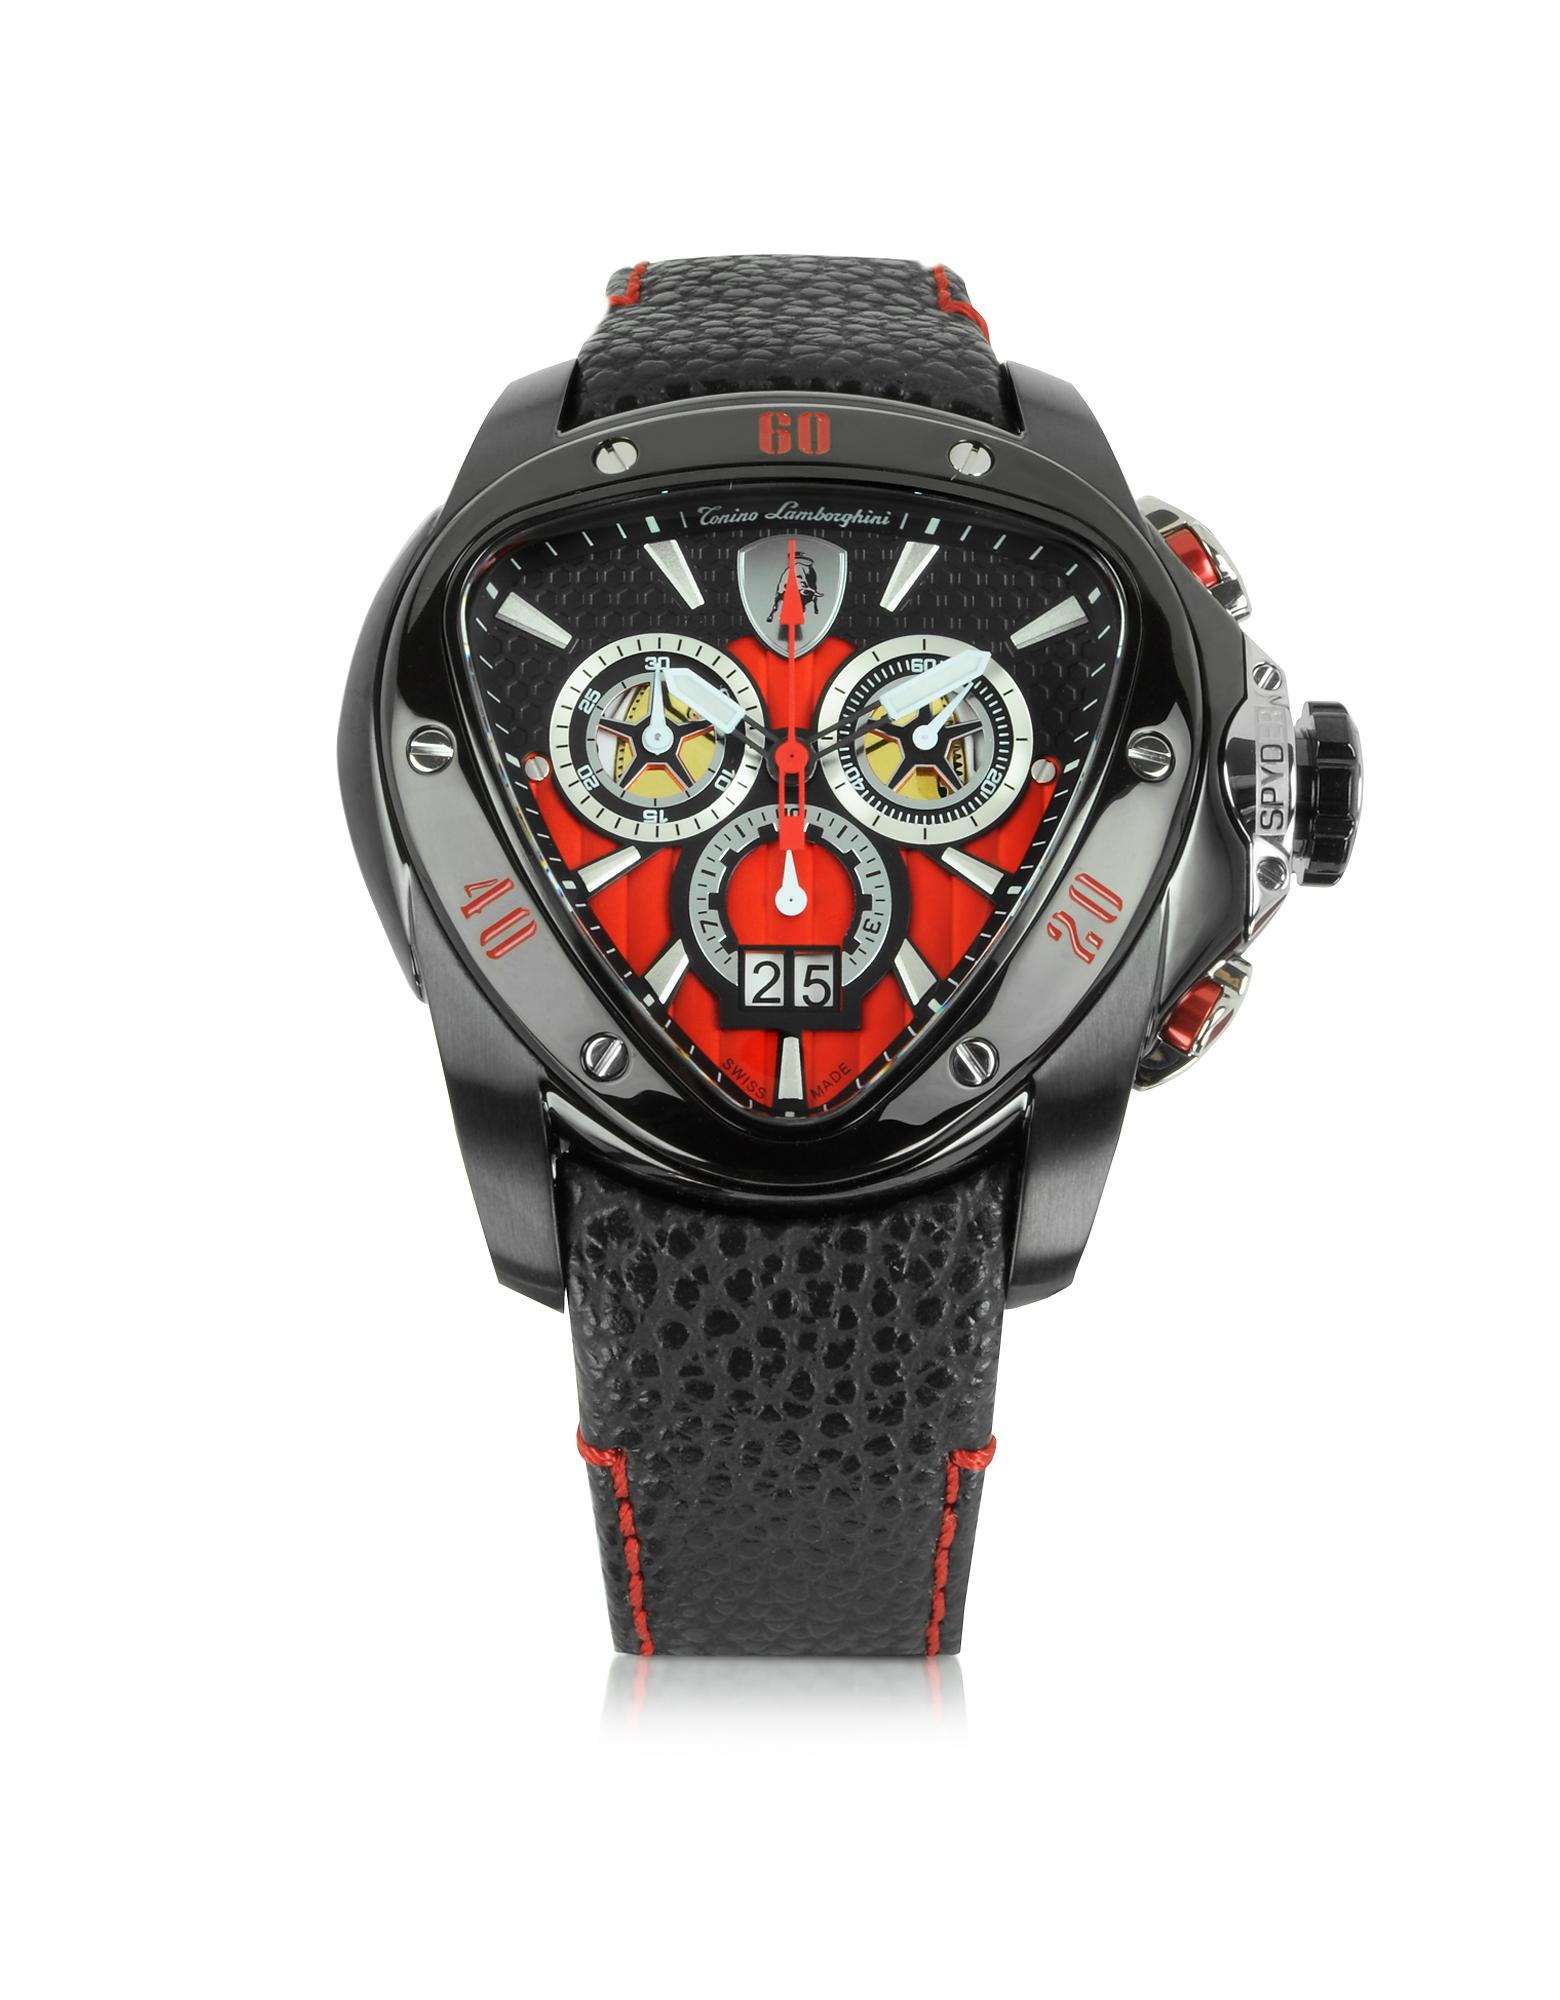 Tonino Lamborghini Spyder - Черные Часы Хронограф из Нержавеющей Стали с Красным Циферблатом